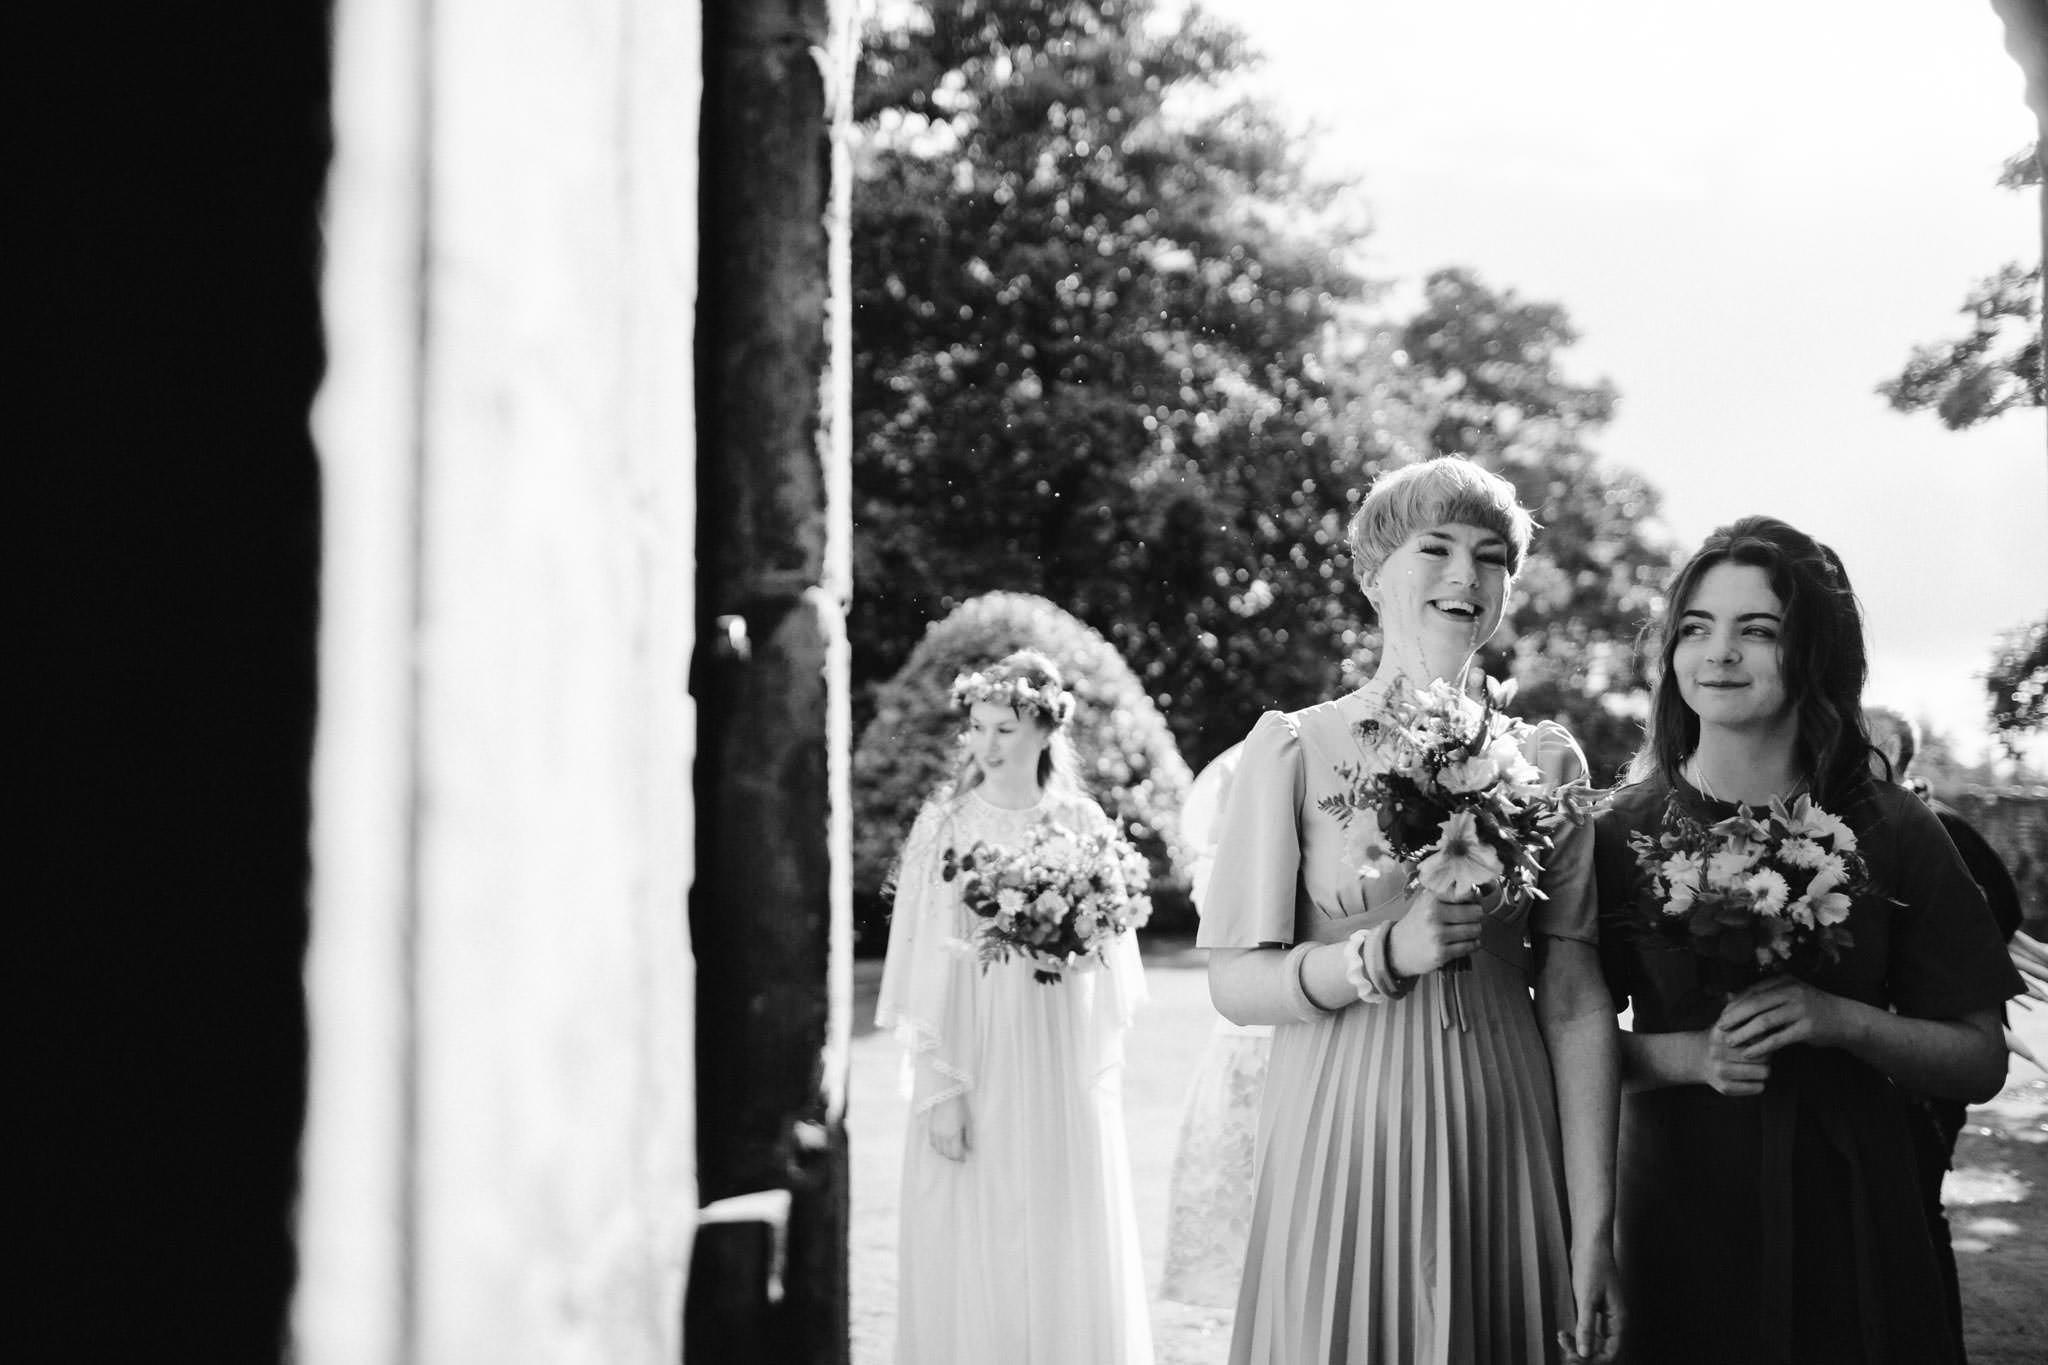 scottish-wedding-photography-046